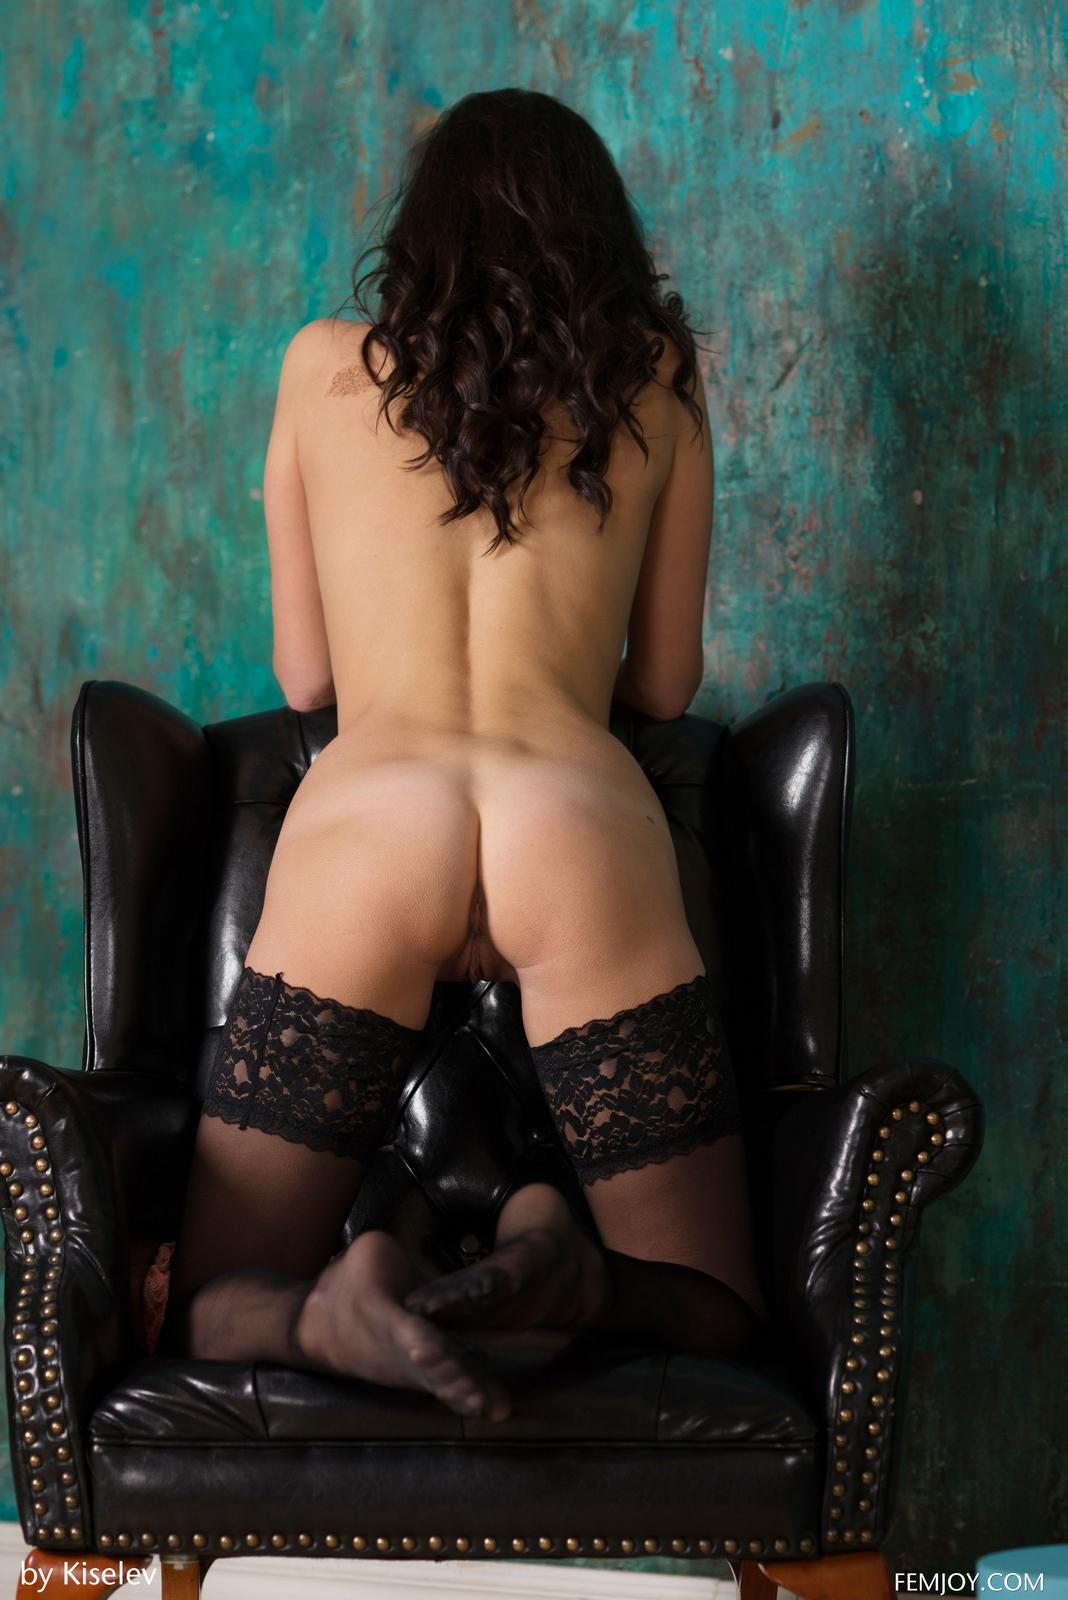 nika-a-nude-black-stockings-armchair-femjoy-14